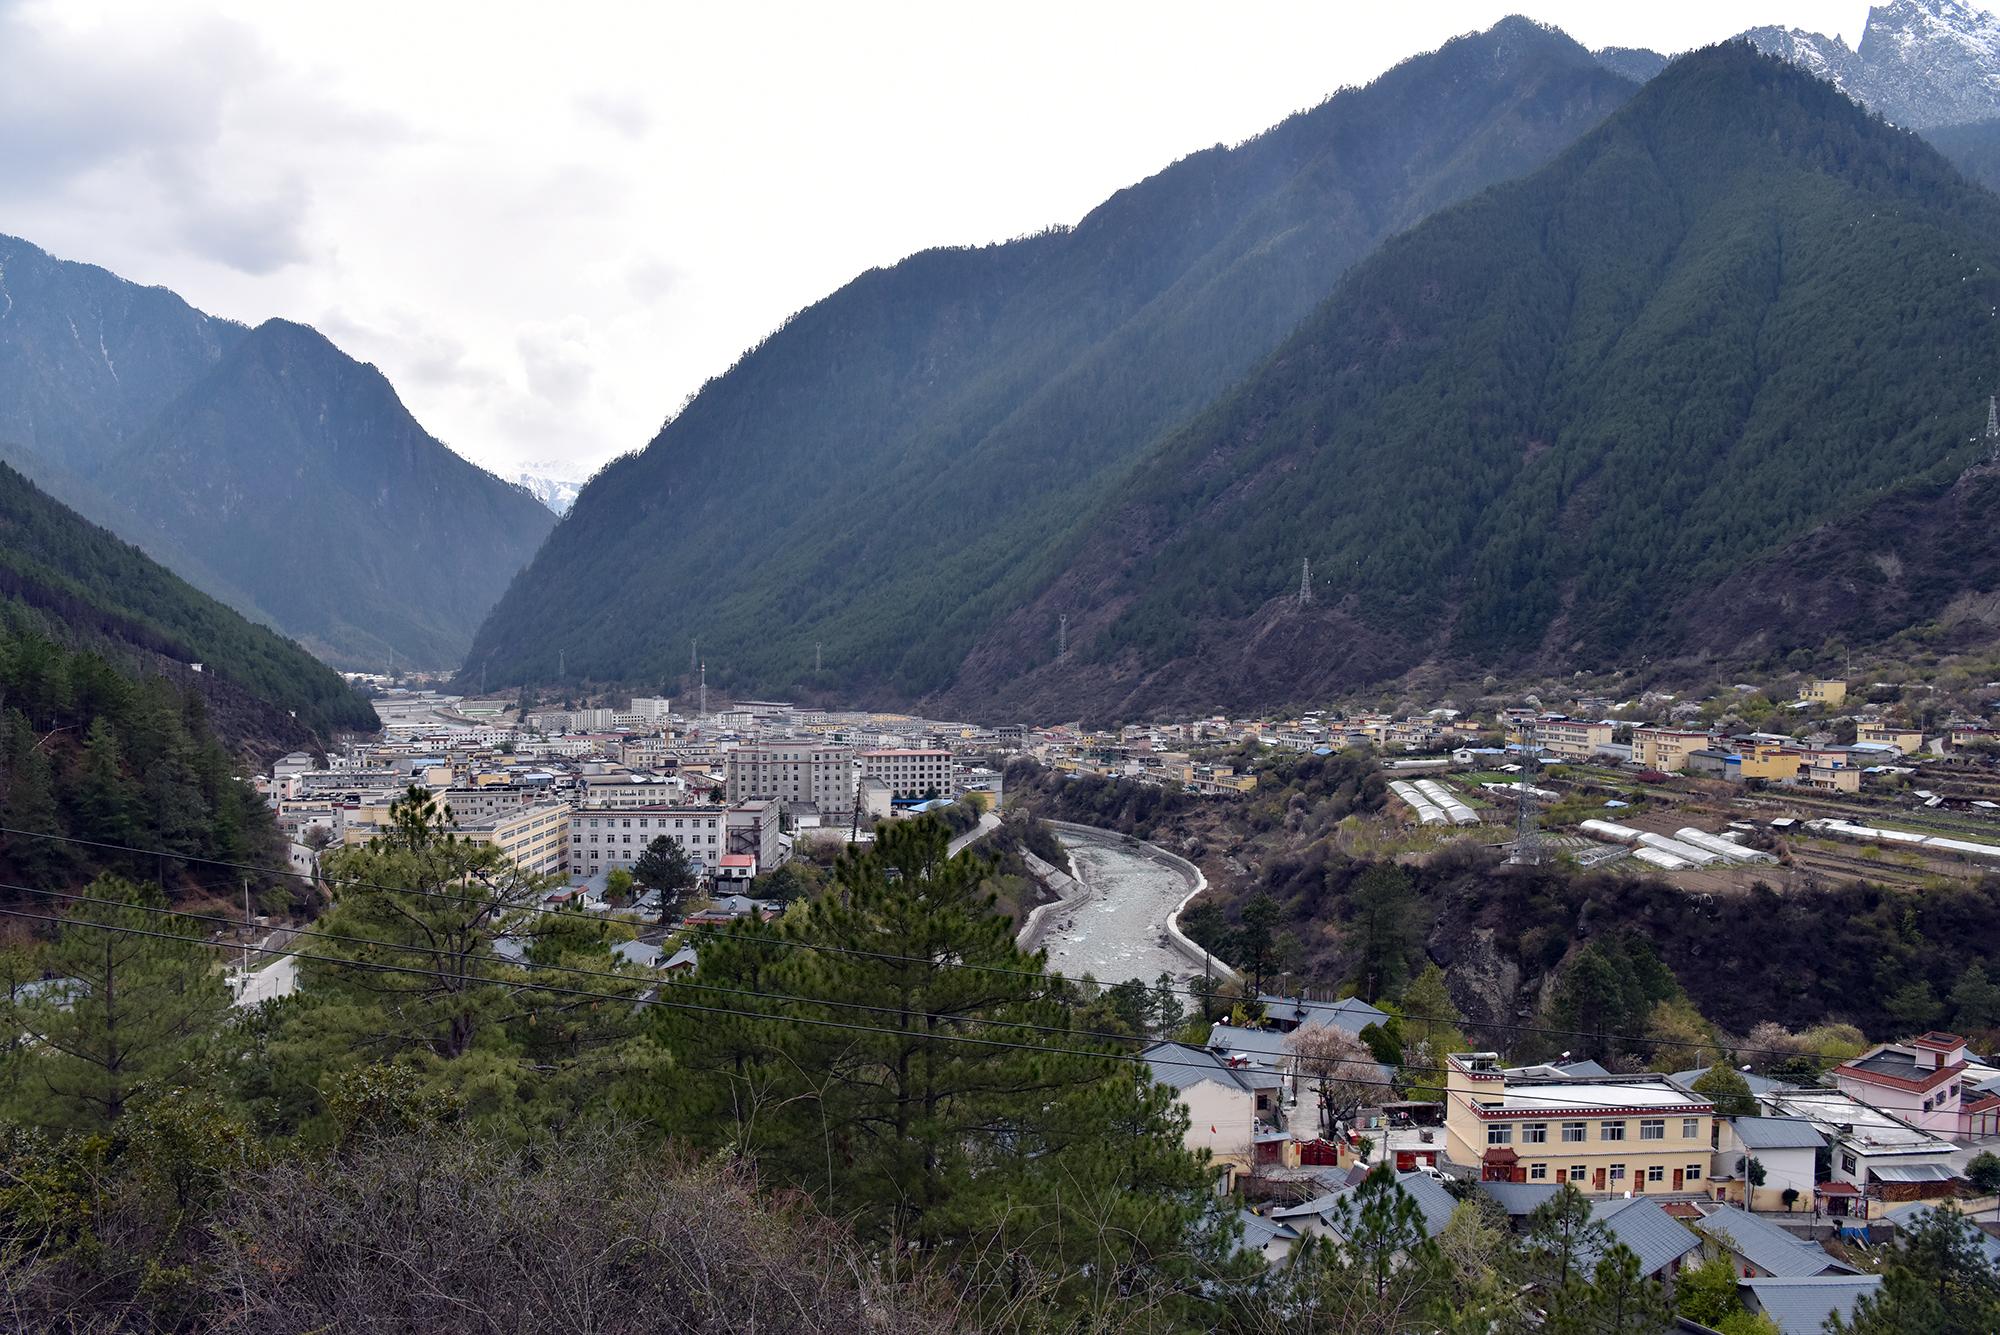 西藏:察隅河谷春光美